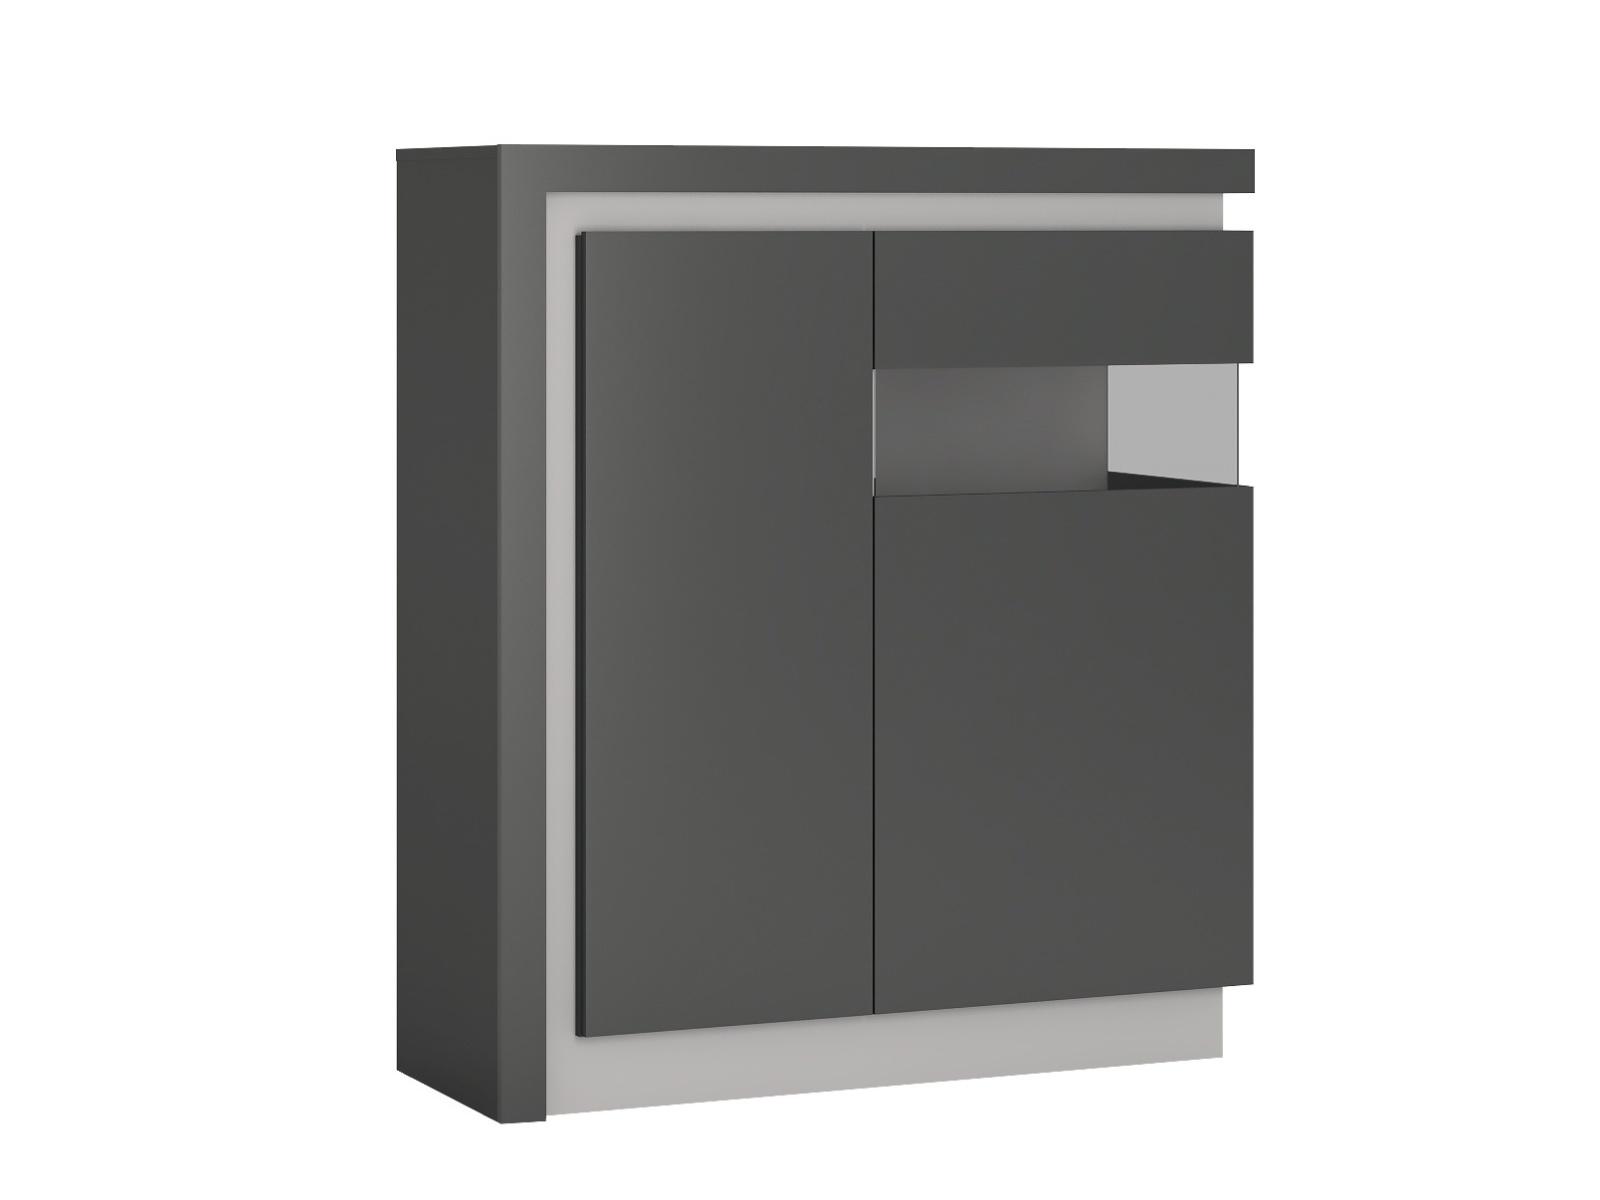 Extom LYON LYOV04P vitrína 2D pravá, šedé platinum/šedý lesk